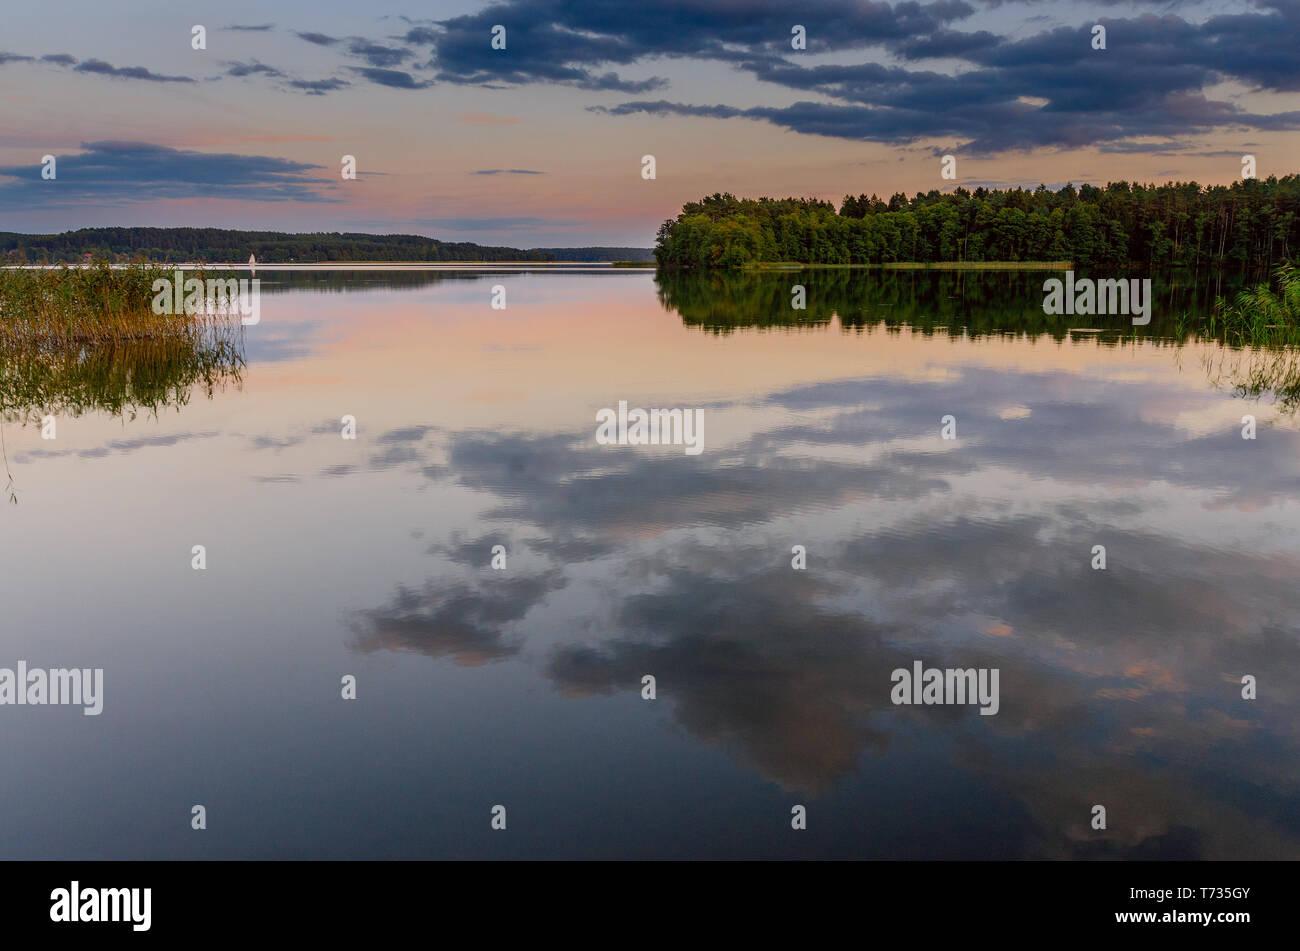 Puesta de sol sobre el lago masuria Pluszne cerca del pueblo de Olsztynek.: Hohenstein (GER). Provincia Warmian-Masurian, Polonia. Foto de stock